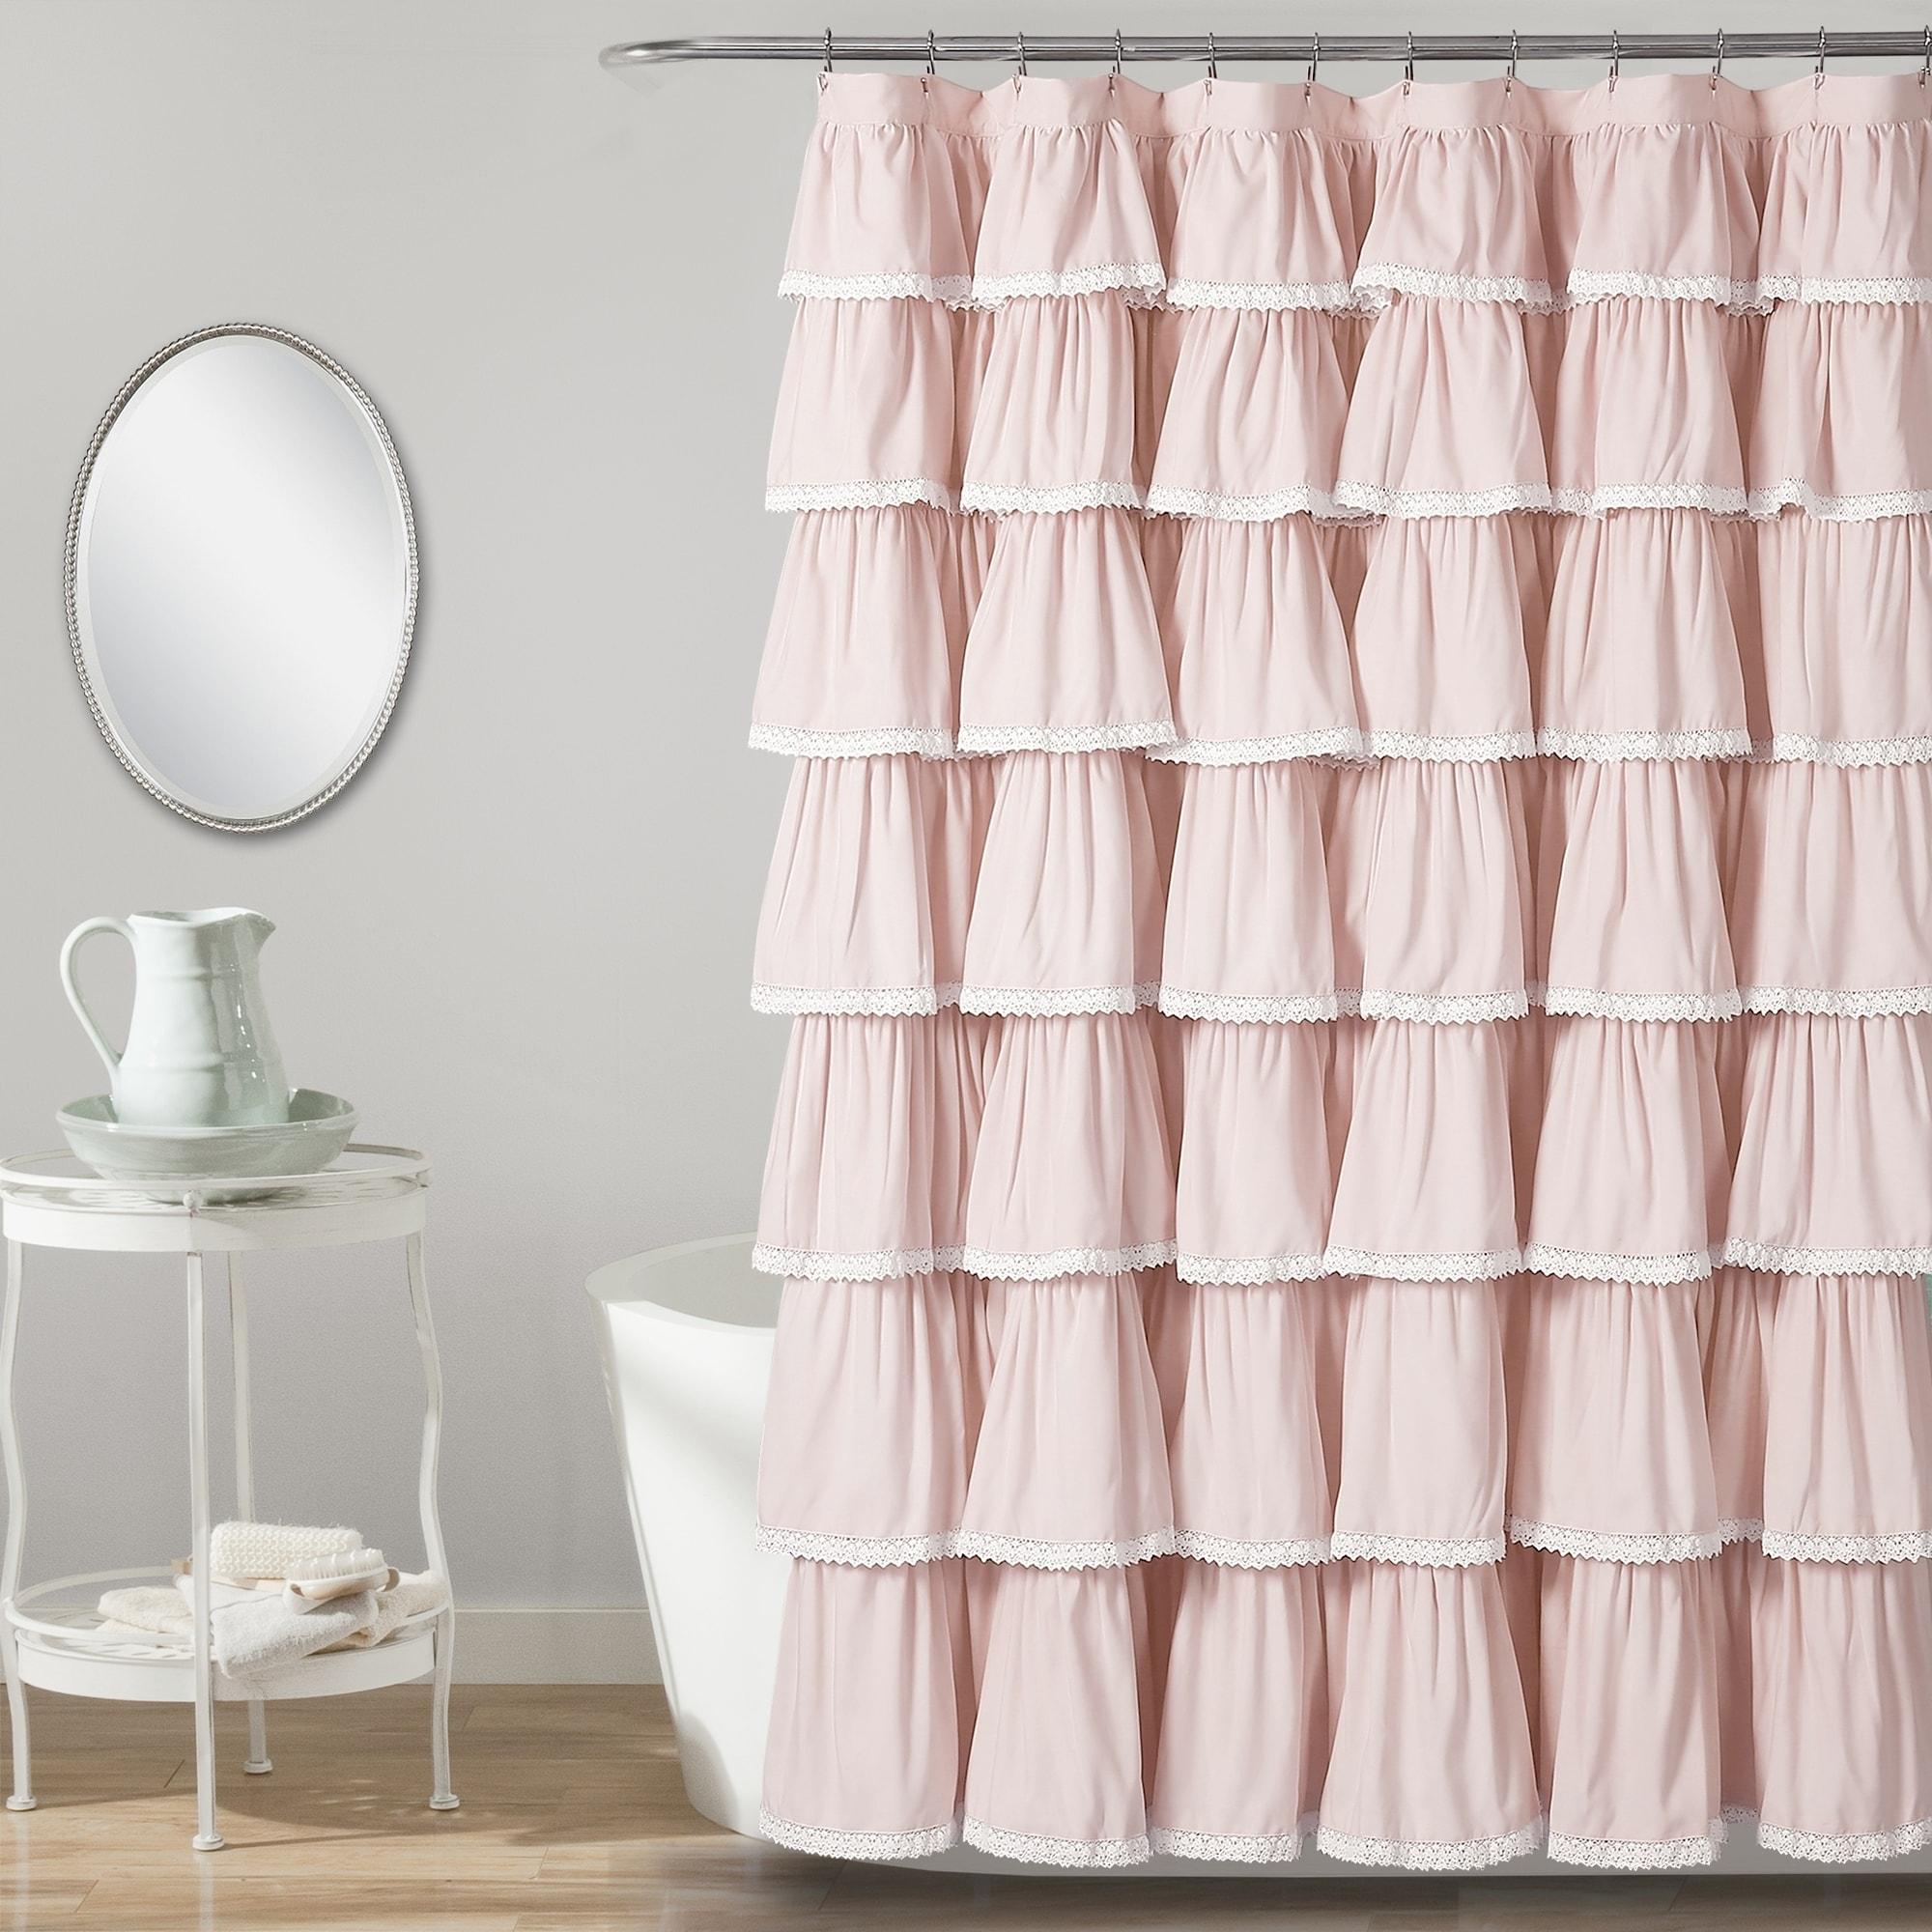 Shop Lush Decor Lace Ruffle Shower Curtain